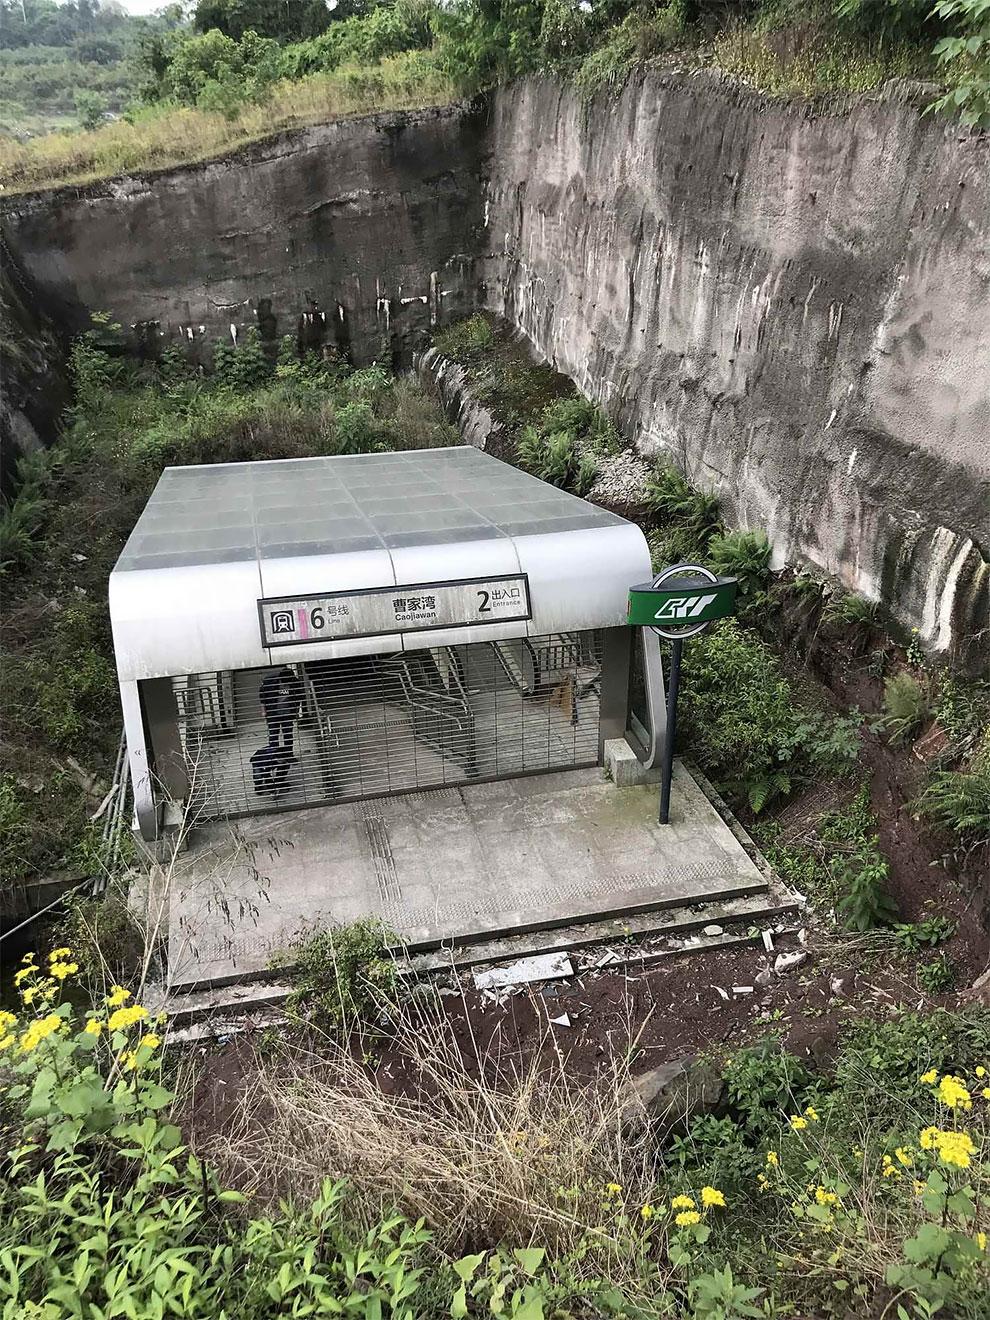 L'uscita della stazione Caojiawan della linea 6 della metropolitana di Chongqing / Flickr/Creative commons